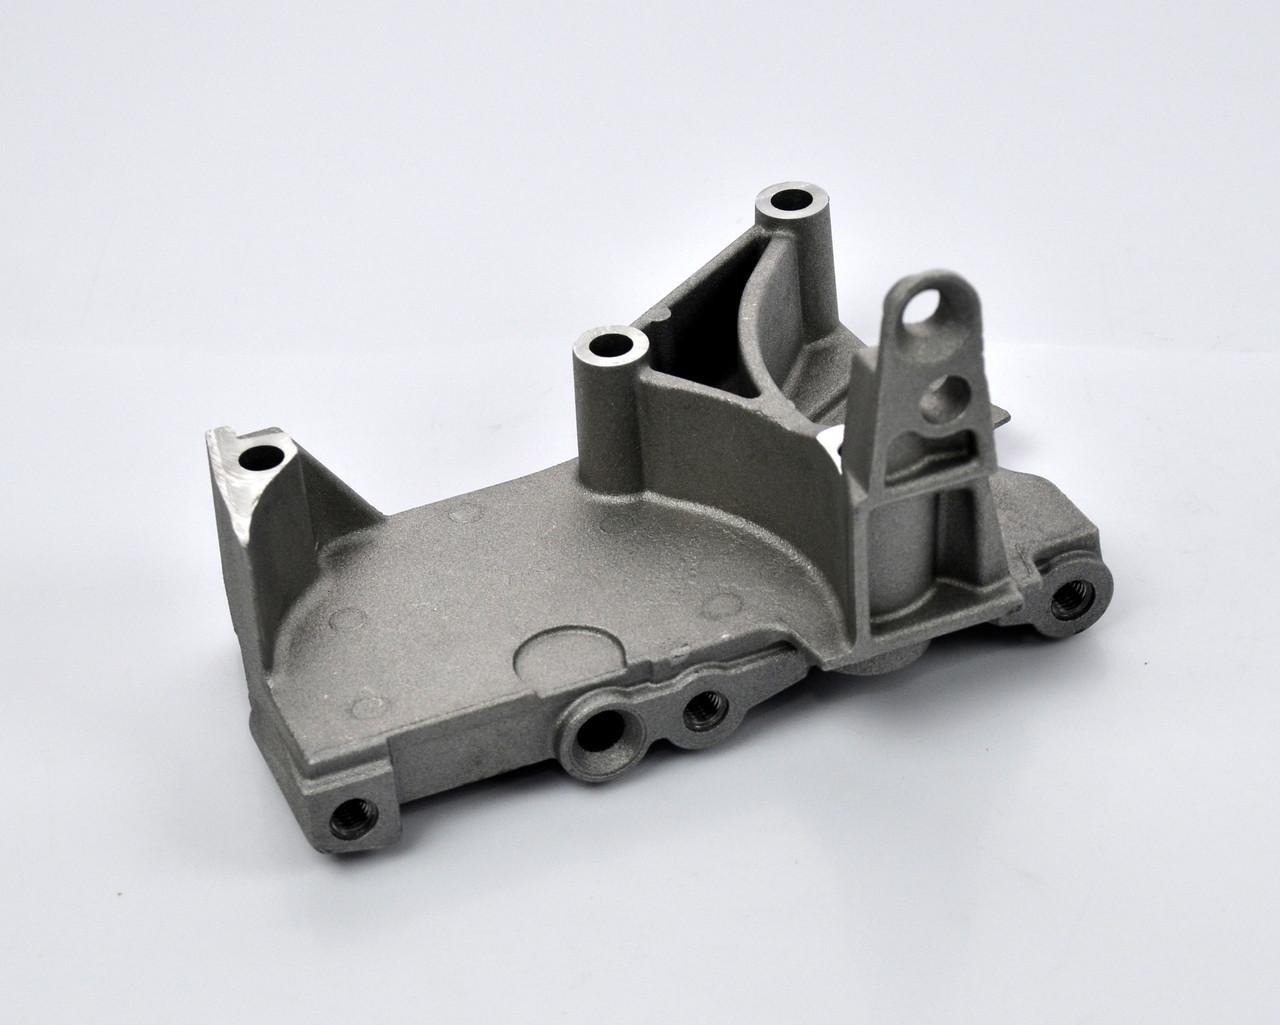 Кронштейн крепления двигателя на Renault Dokker 12->, 1.5dCi — Renault (Оригинал) - 112314312R